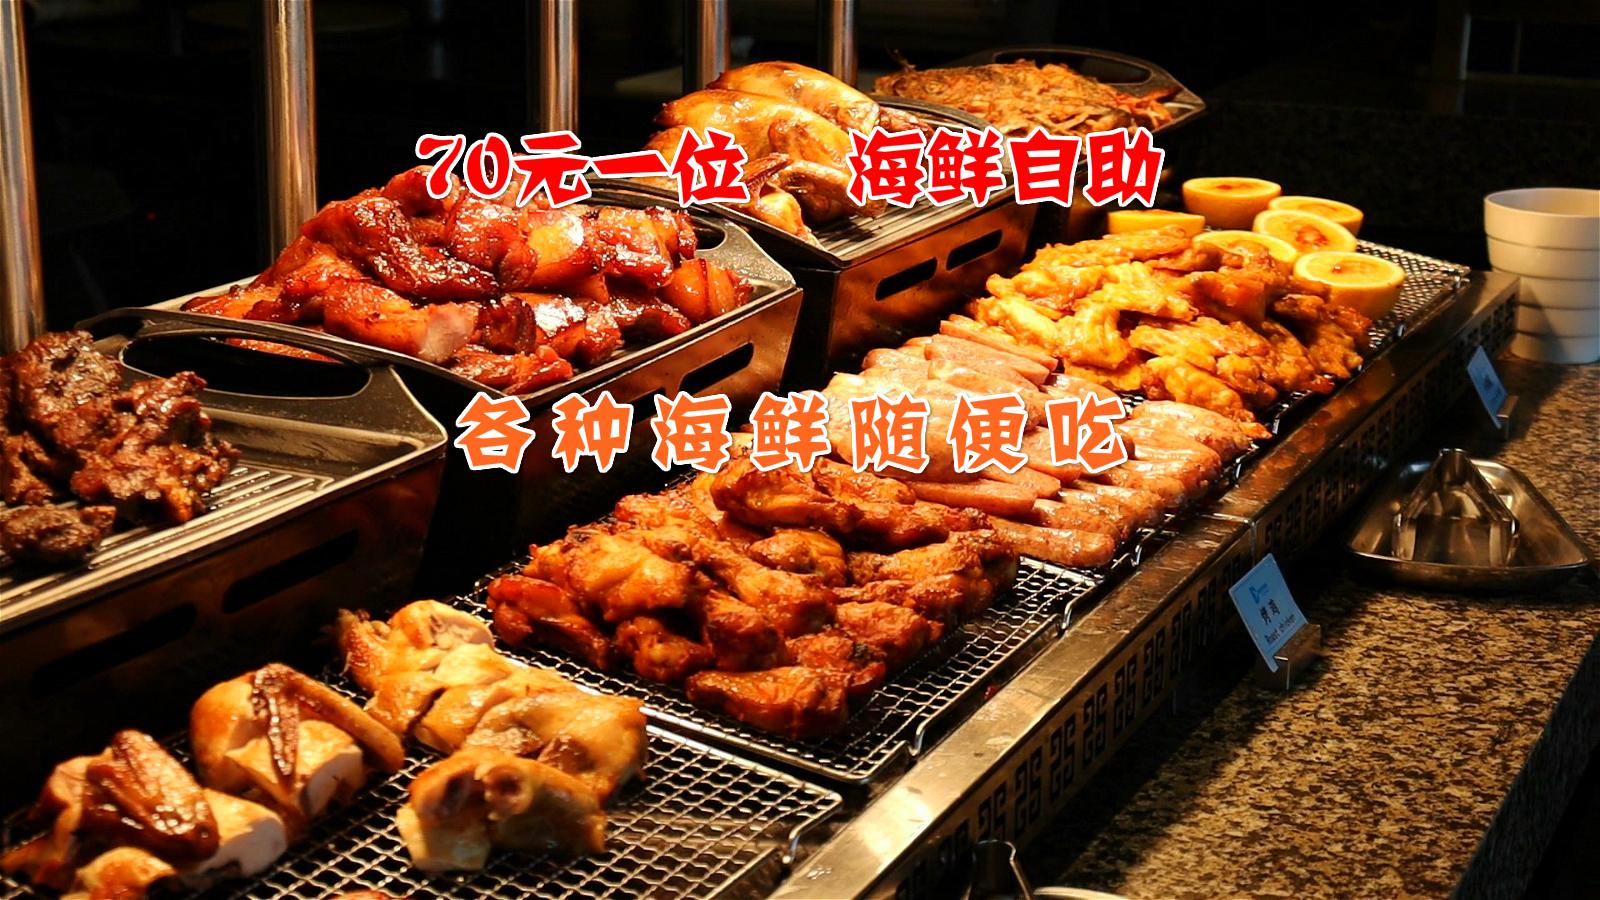 【出道616】龙虾生蚝随便吃!70元一位的海鲜自助吃到撑,星伦多里都有啥好吃的?